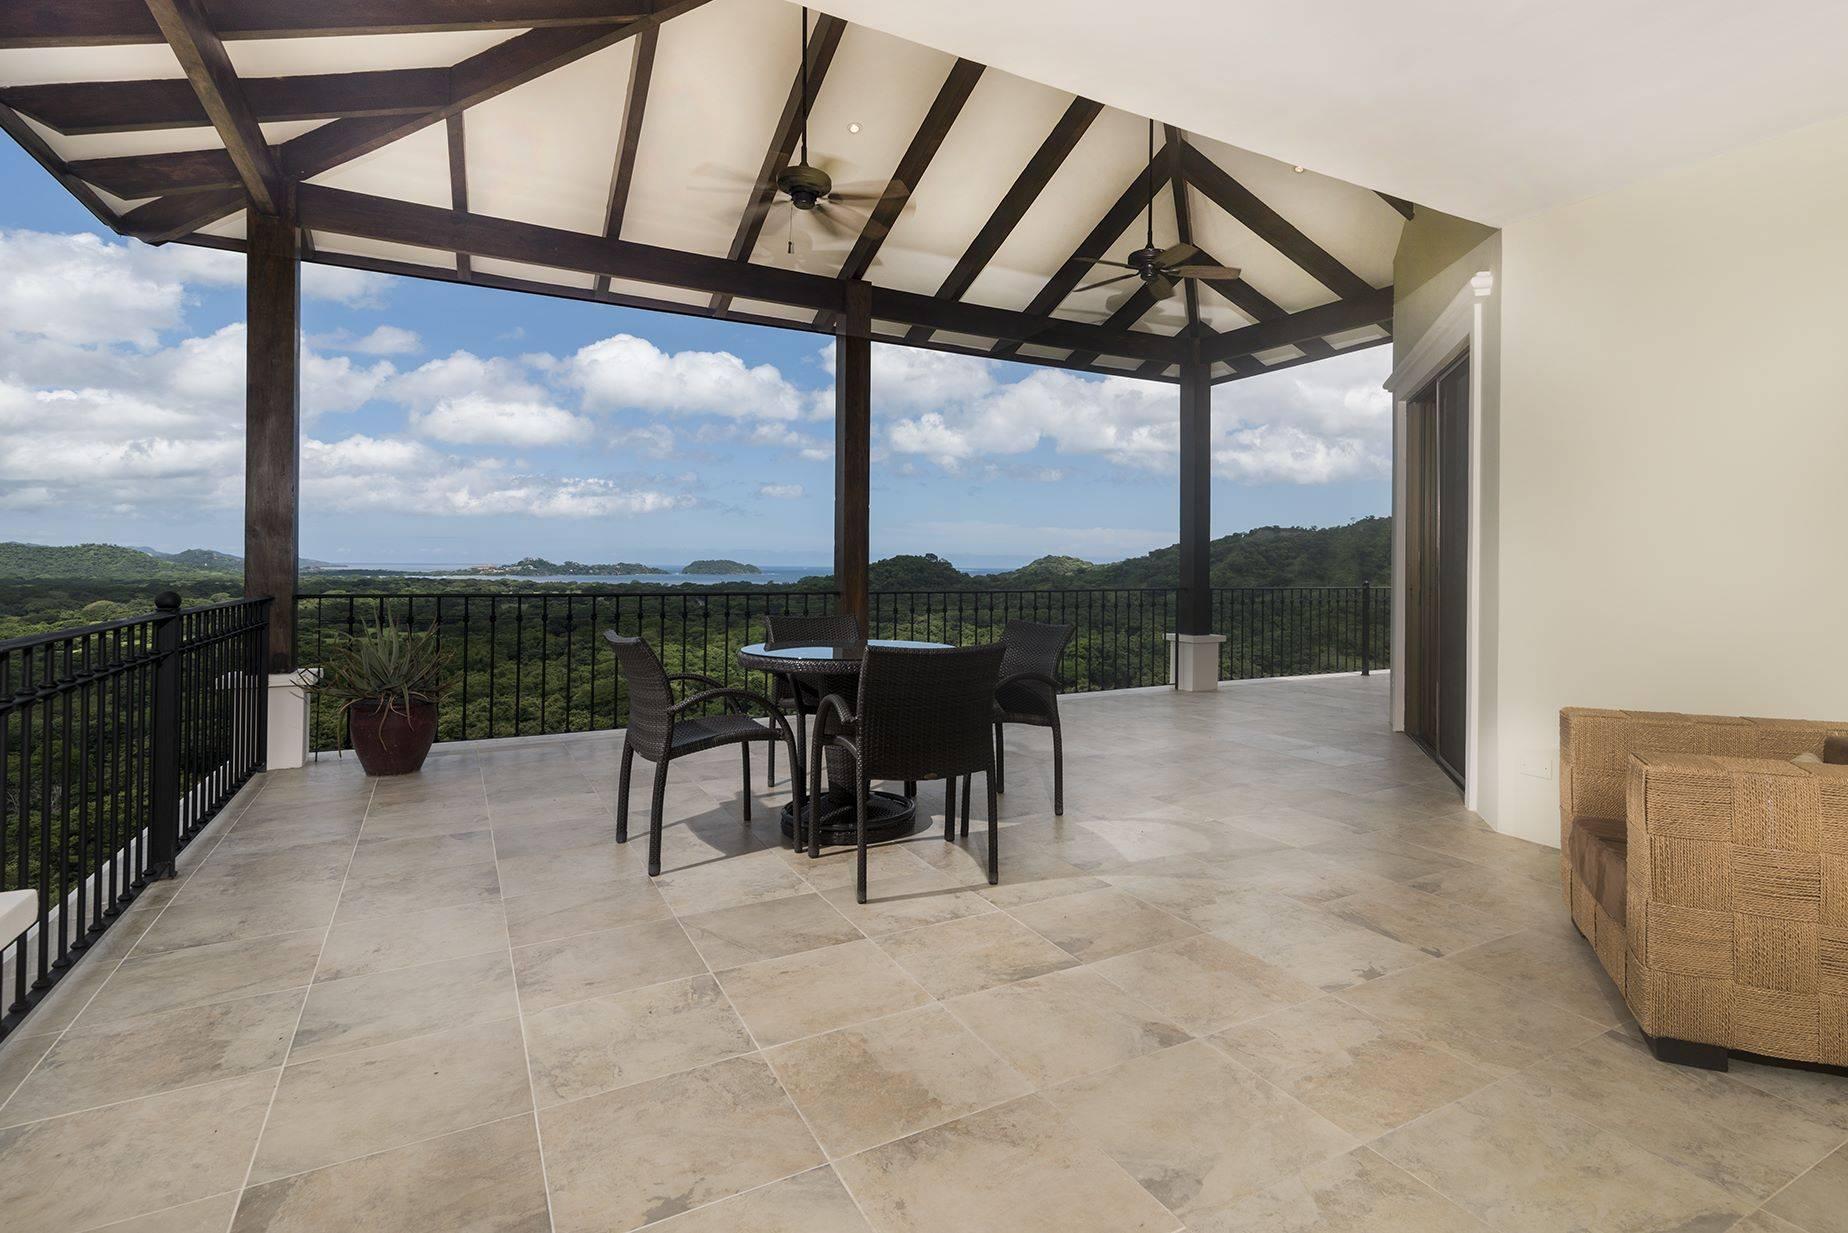 Villa de los Sueños Ocean View Home